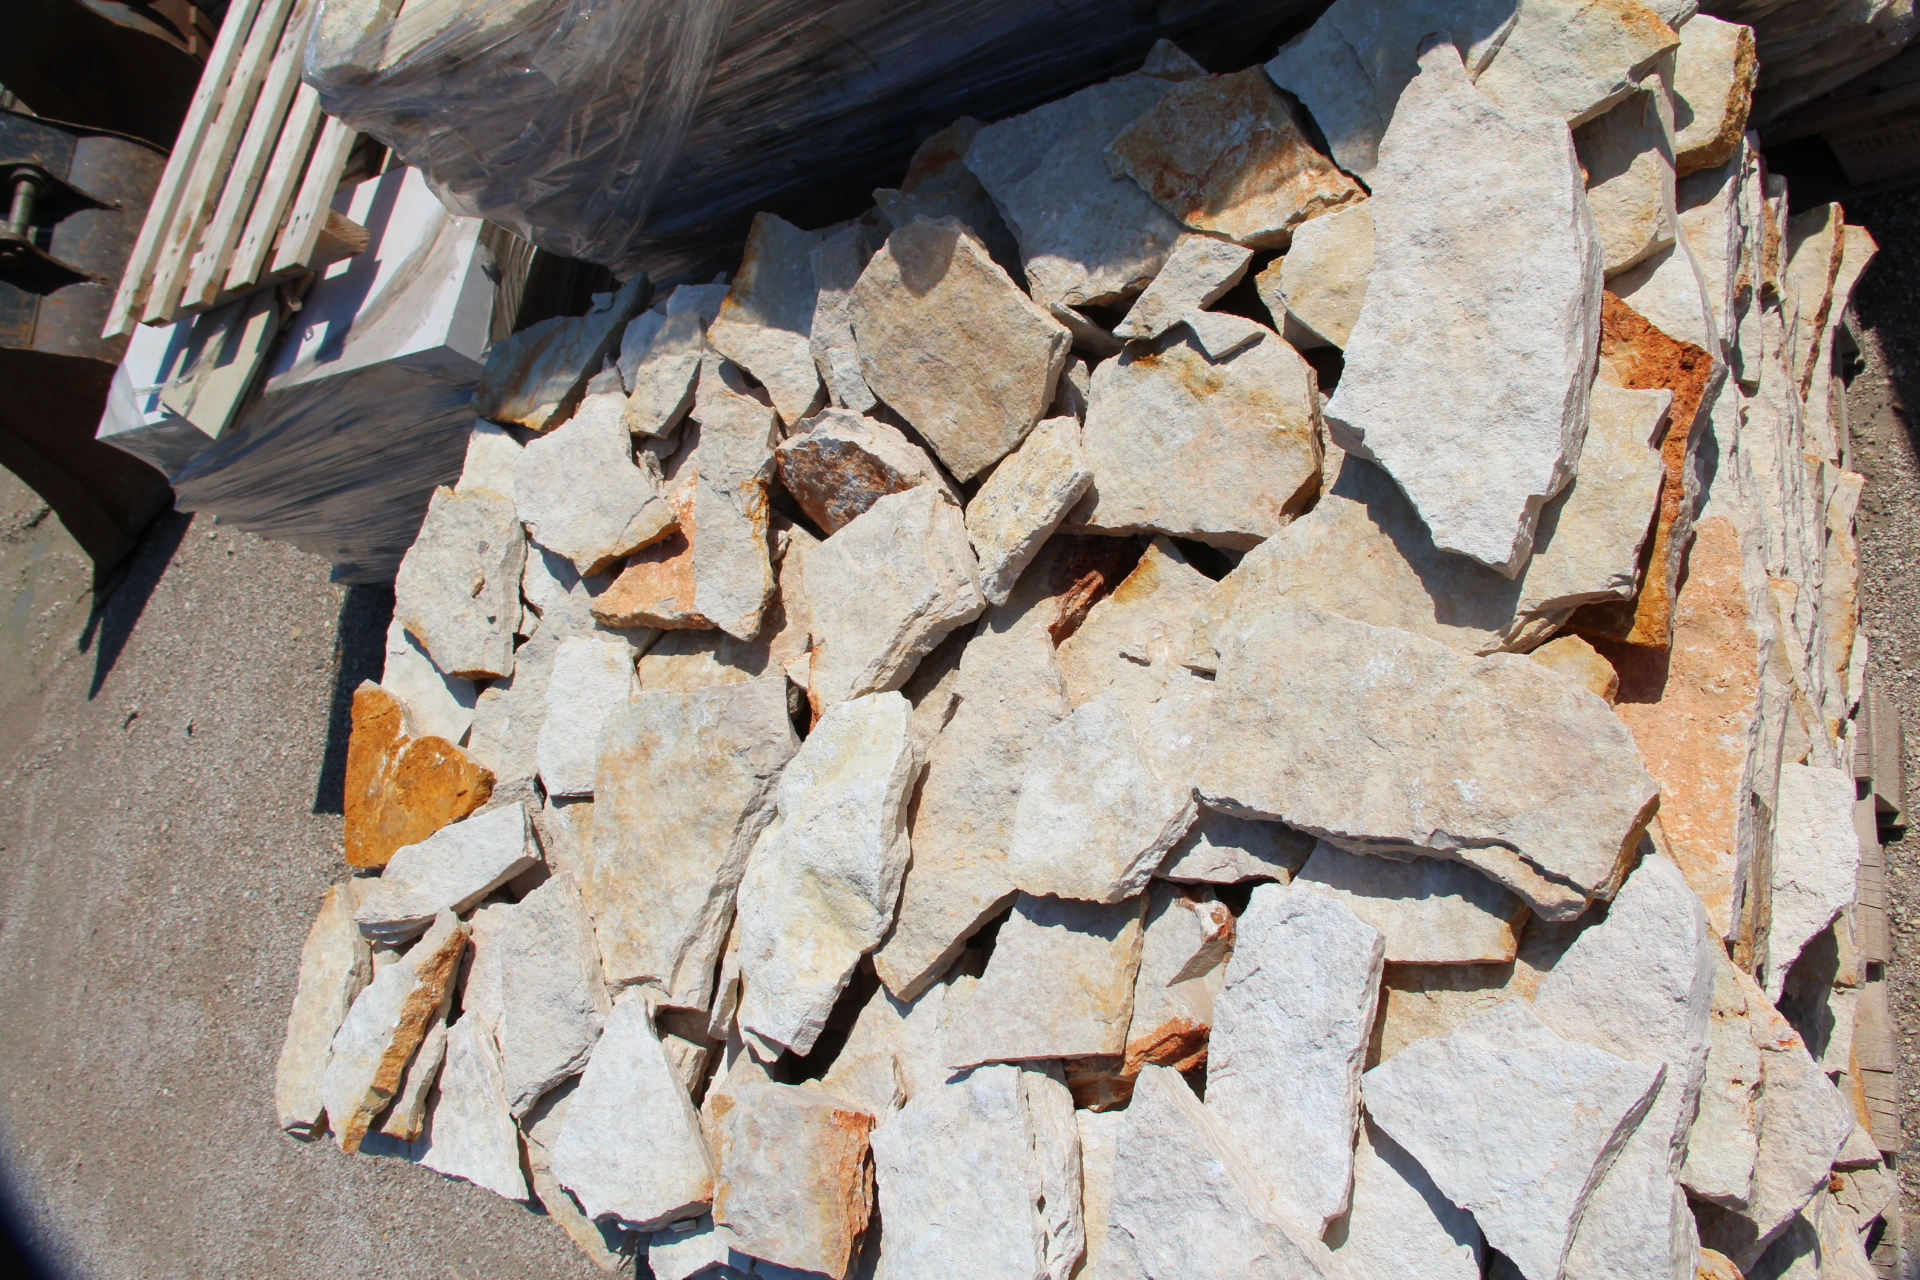 Zem enrico marmi prezzi sassi rivestimento muri super convenienti prezzo pietre da esterno - Pietre da esterno pavimenti ...